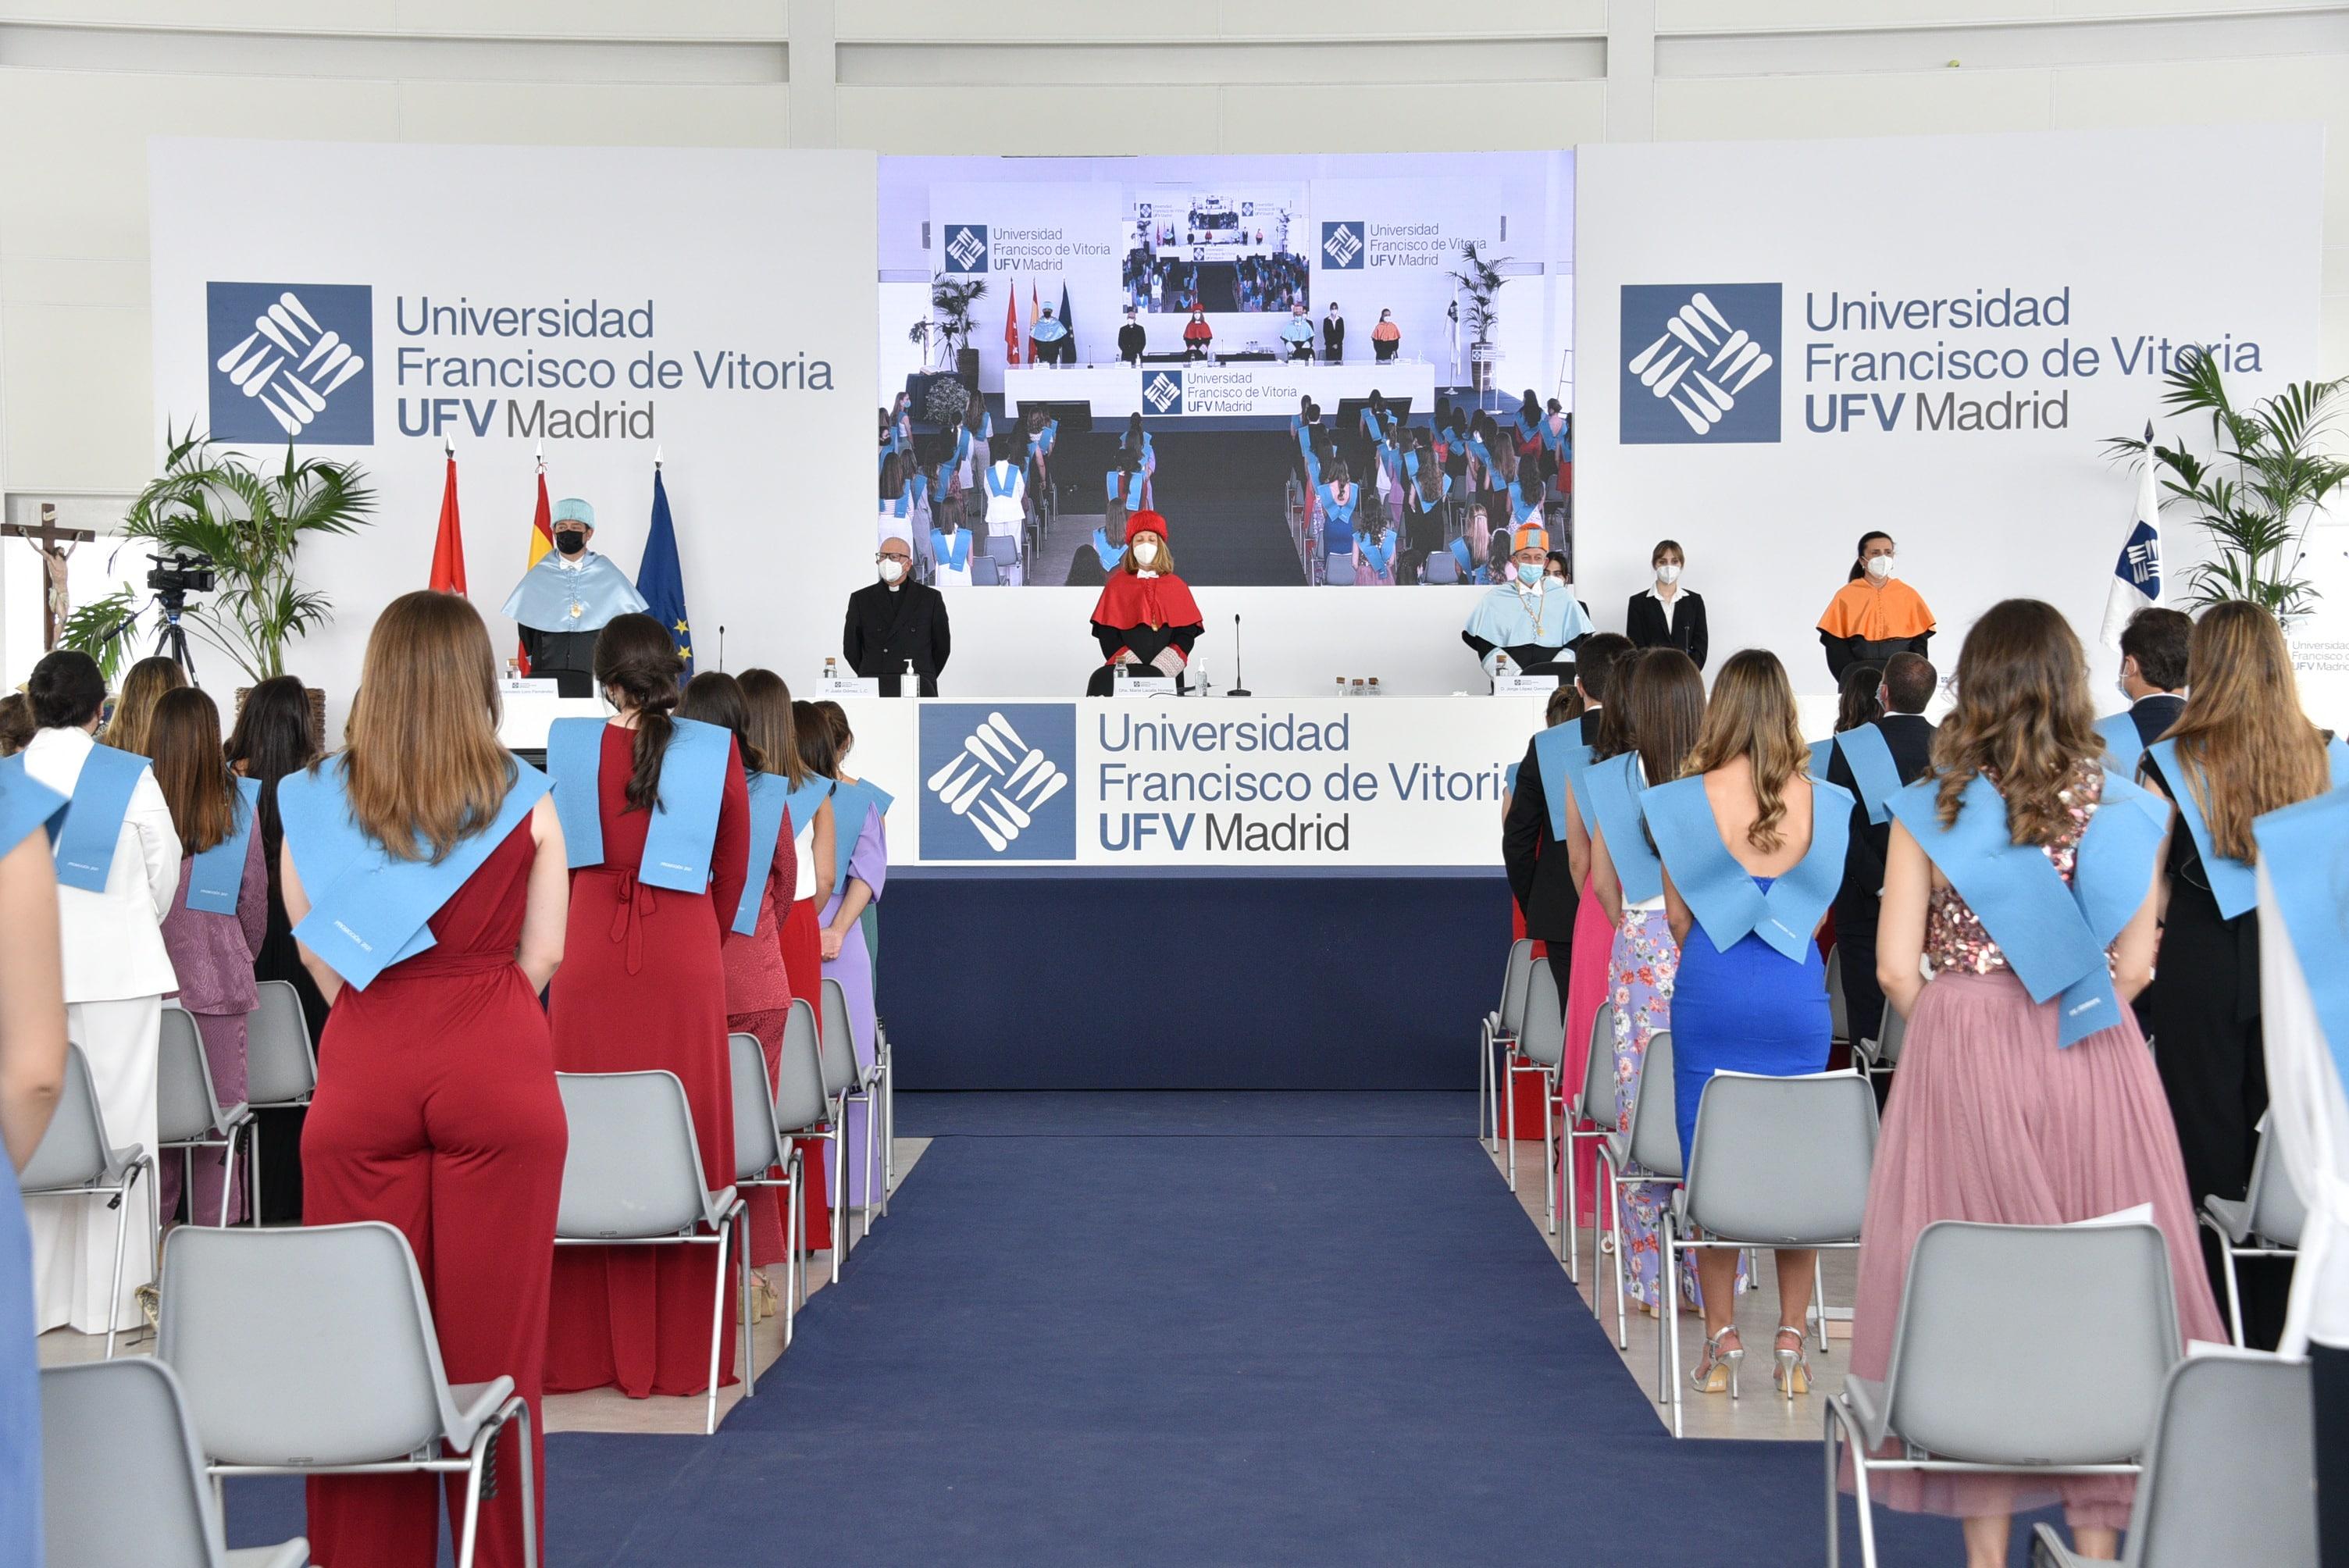 210703UFV1 872 min Actos académicos Estudiar en Universidad Privada Madrid